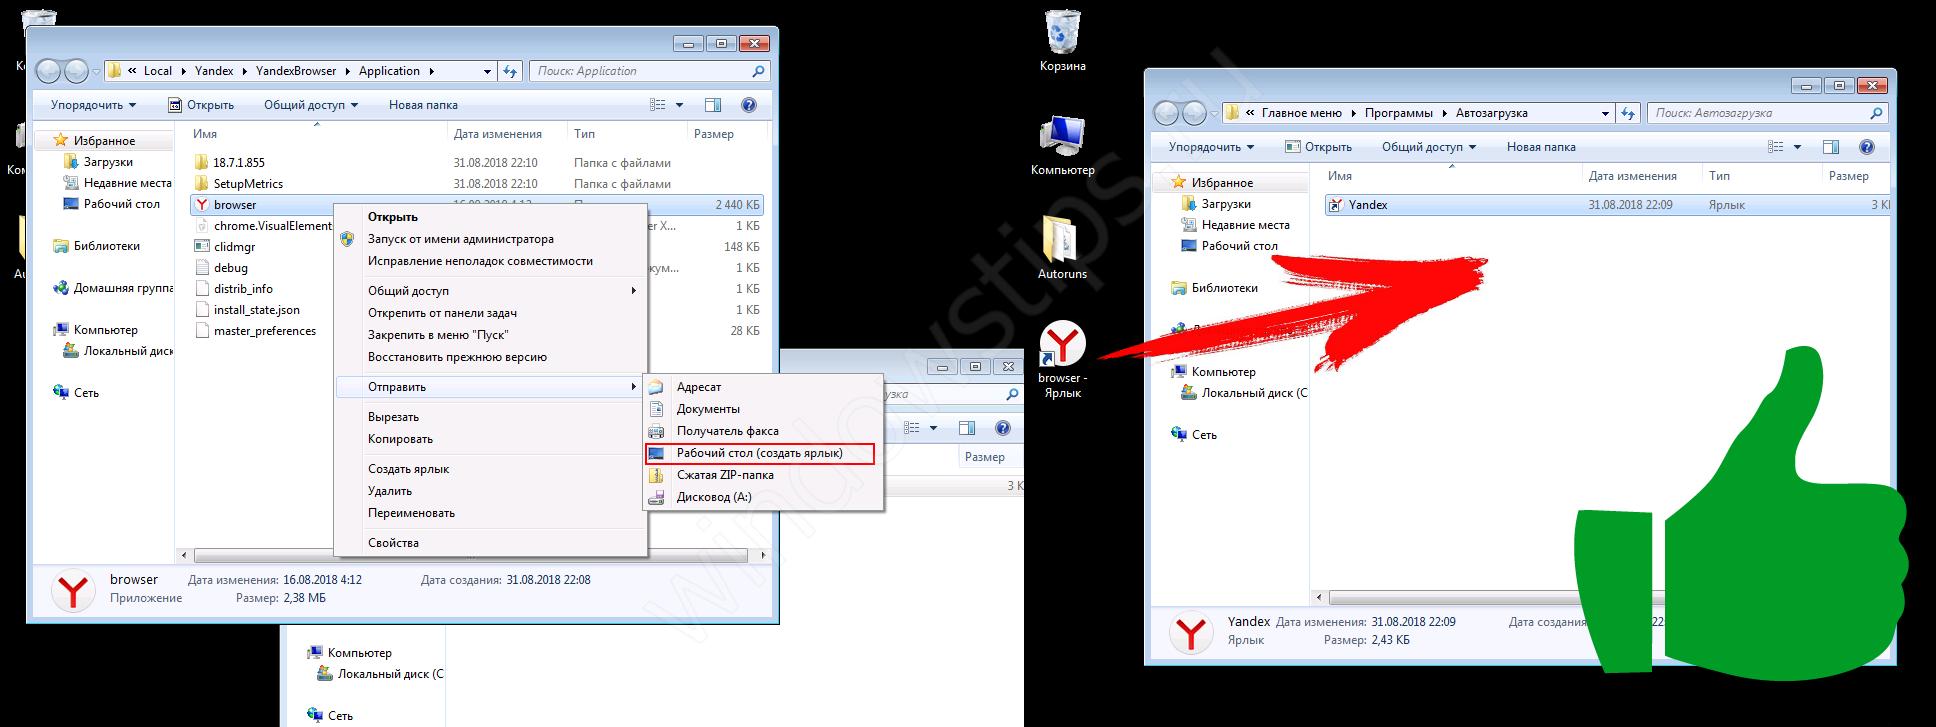 Используйте автозапуск программ Windows 7 с умом!